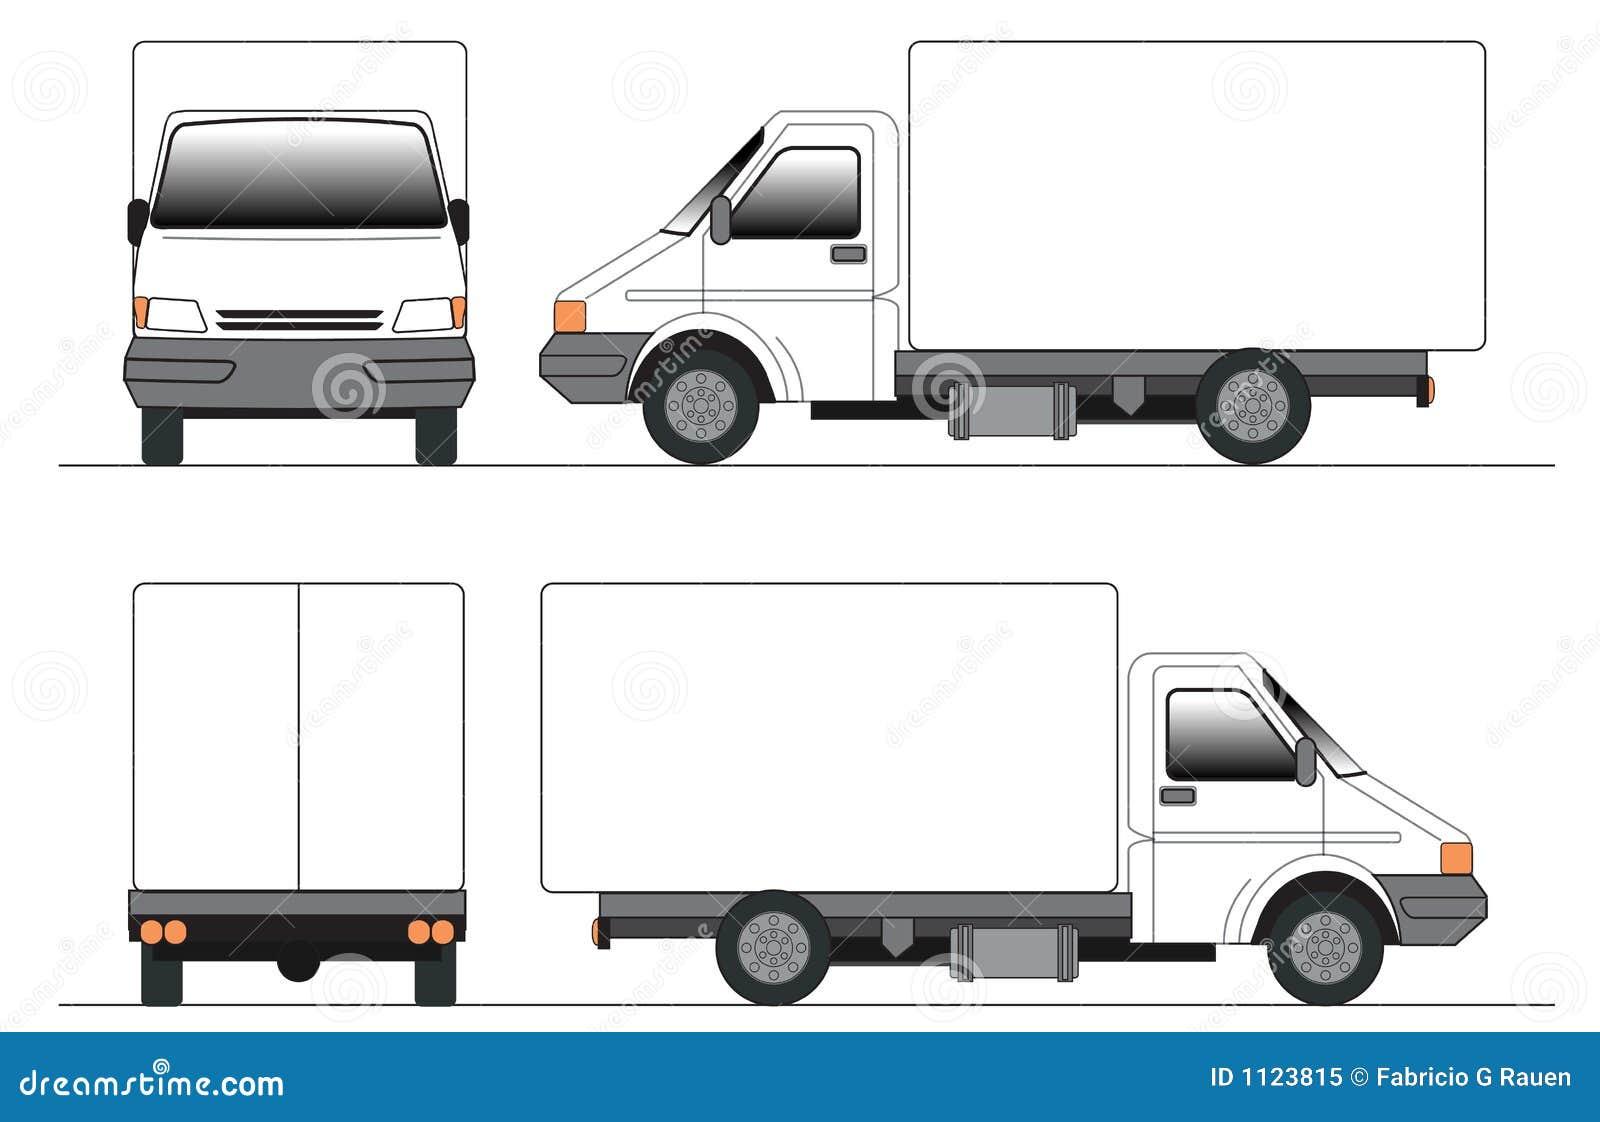 Clip-art truck